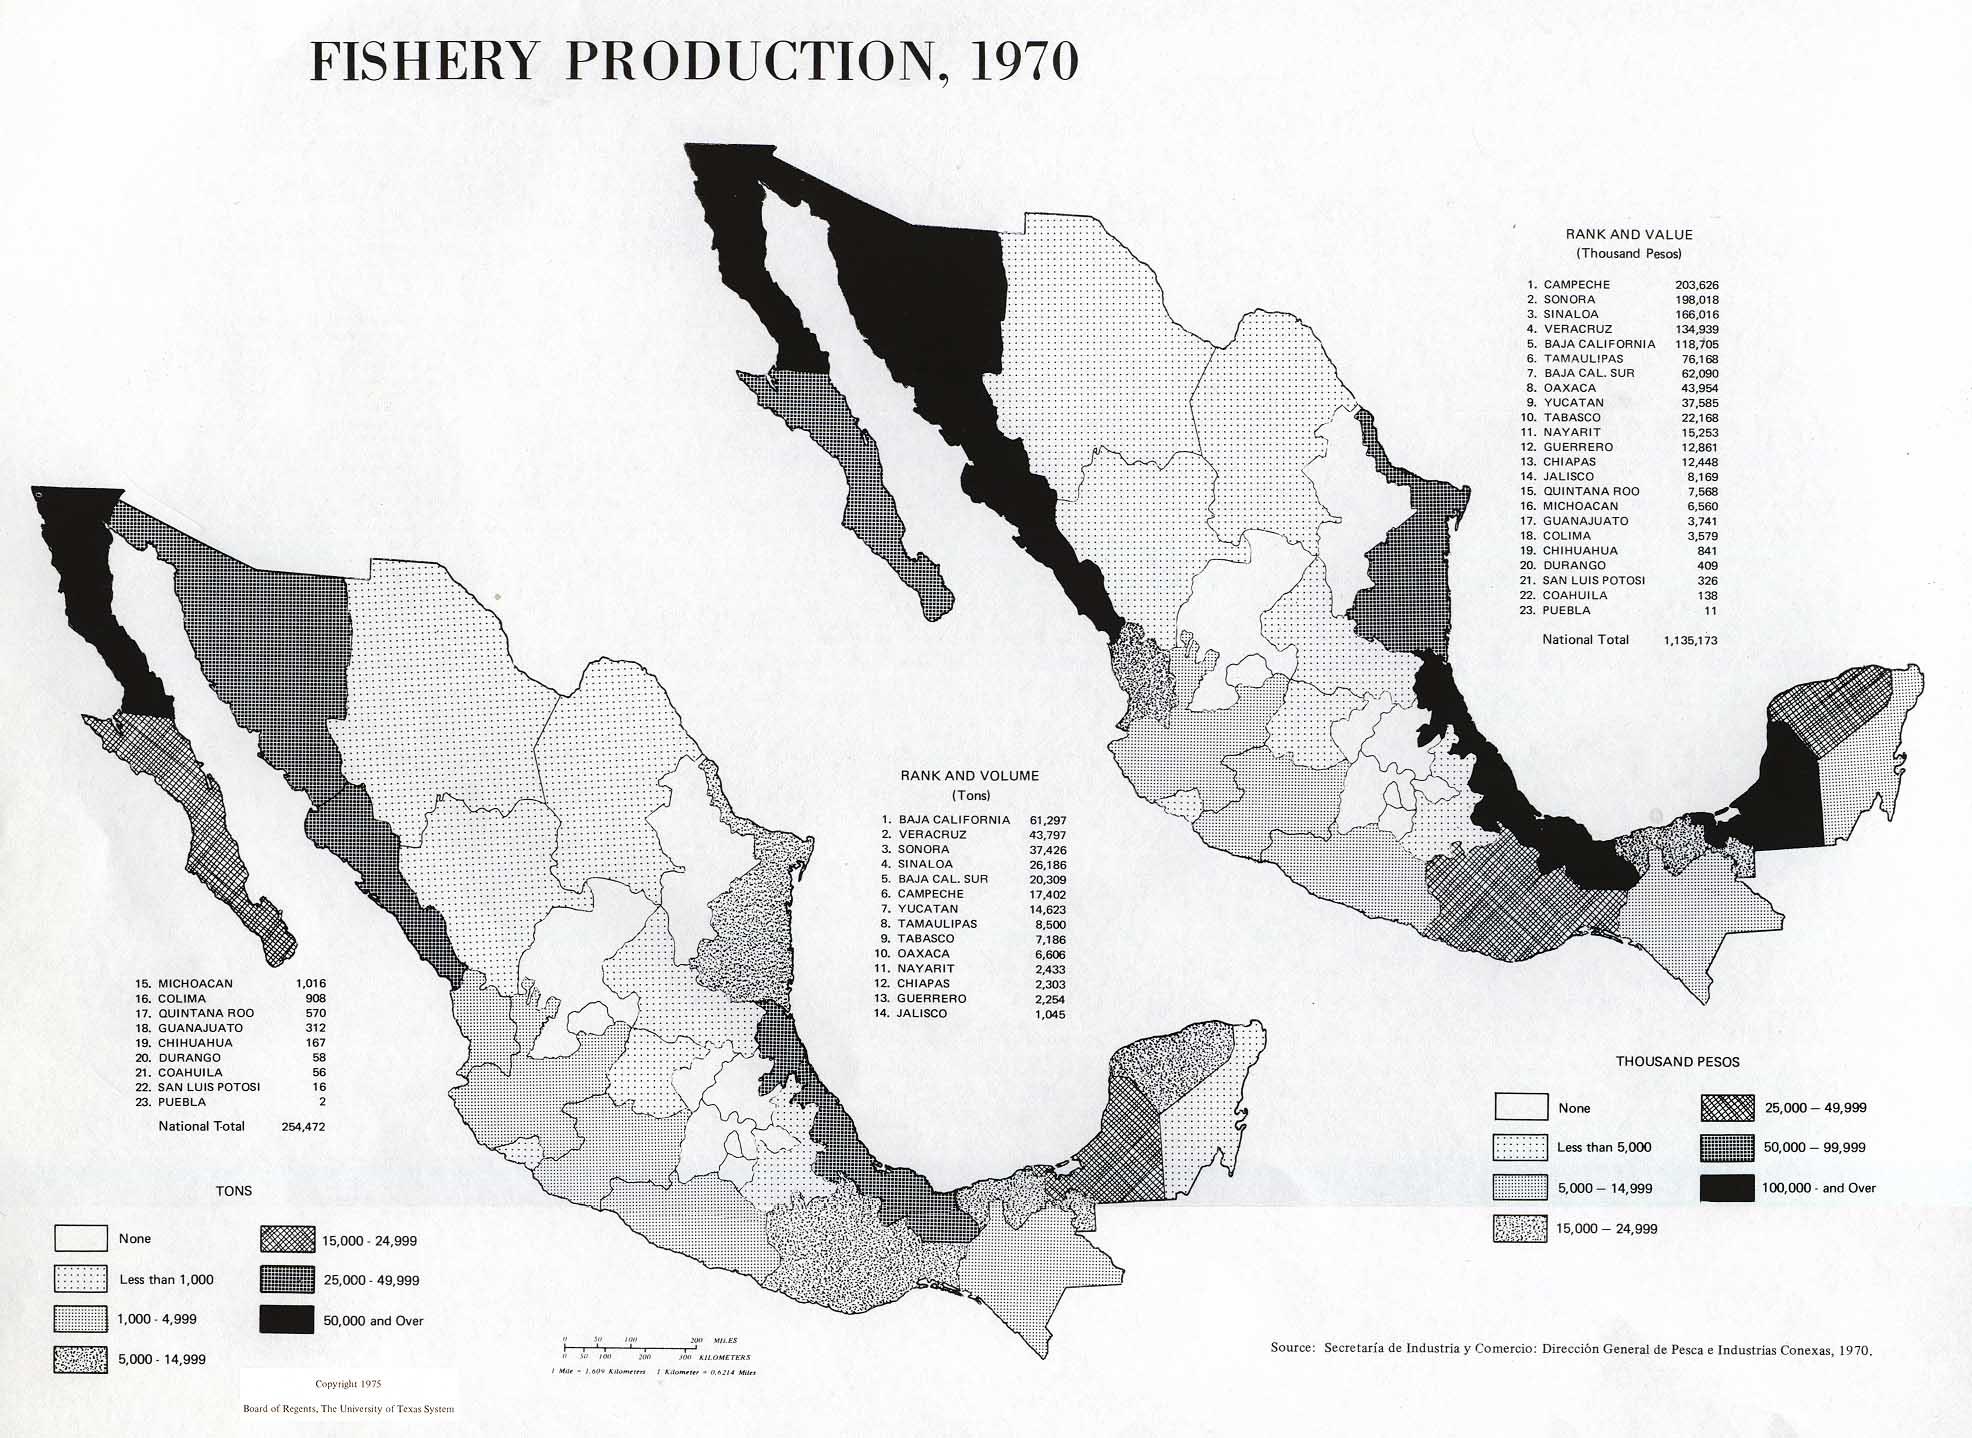 Mapa de la Producción de Pesca y Acuicultura, México 1970